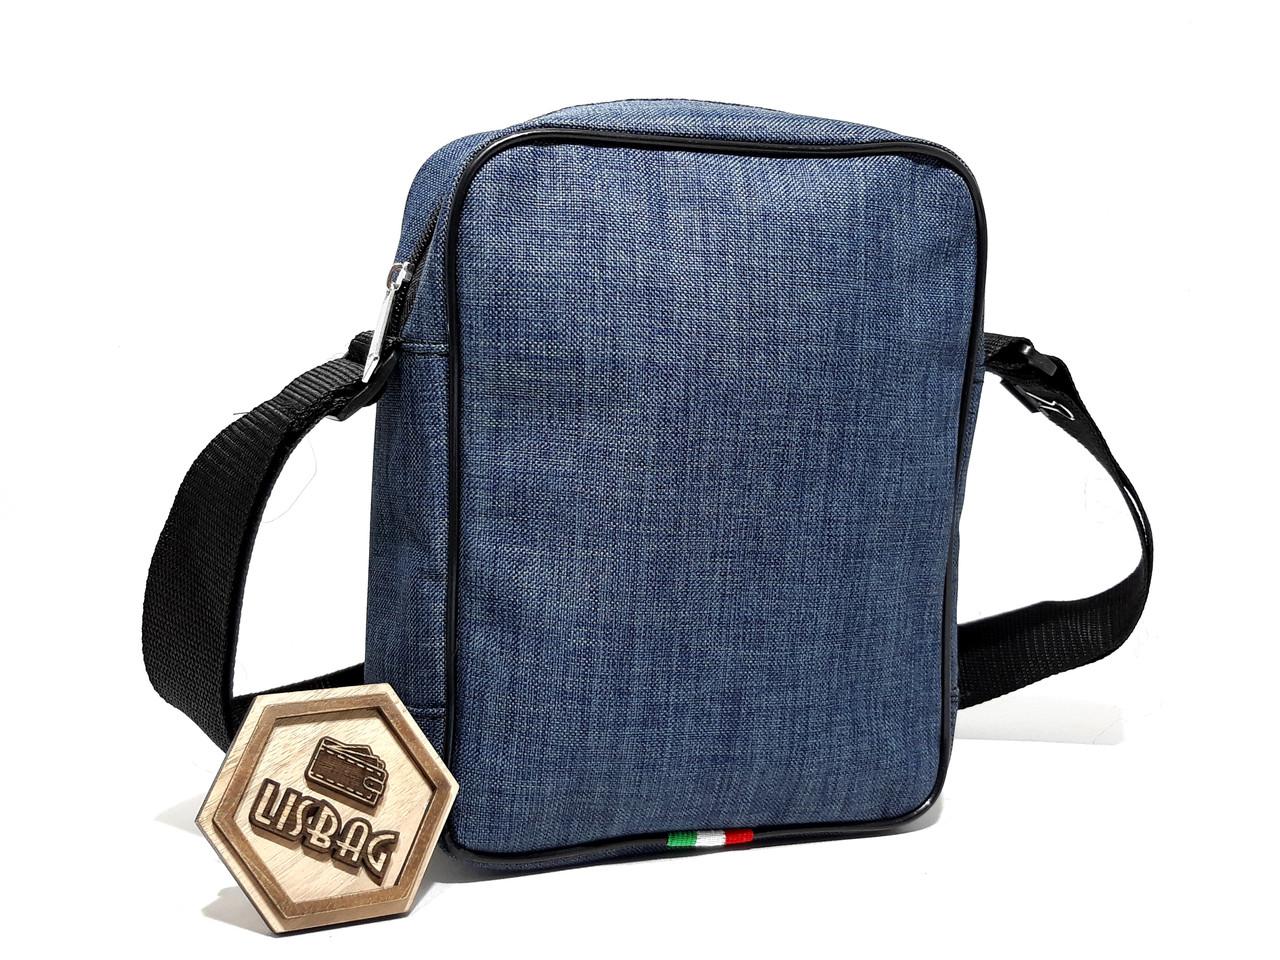 3c086df24f63 ... Мужская сумка Puma Ferrari Синяя на каждый день реплика люкс качества,  ...